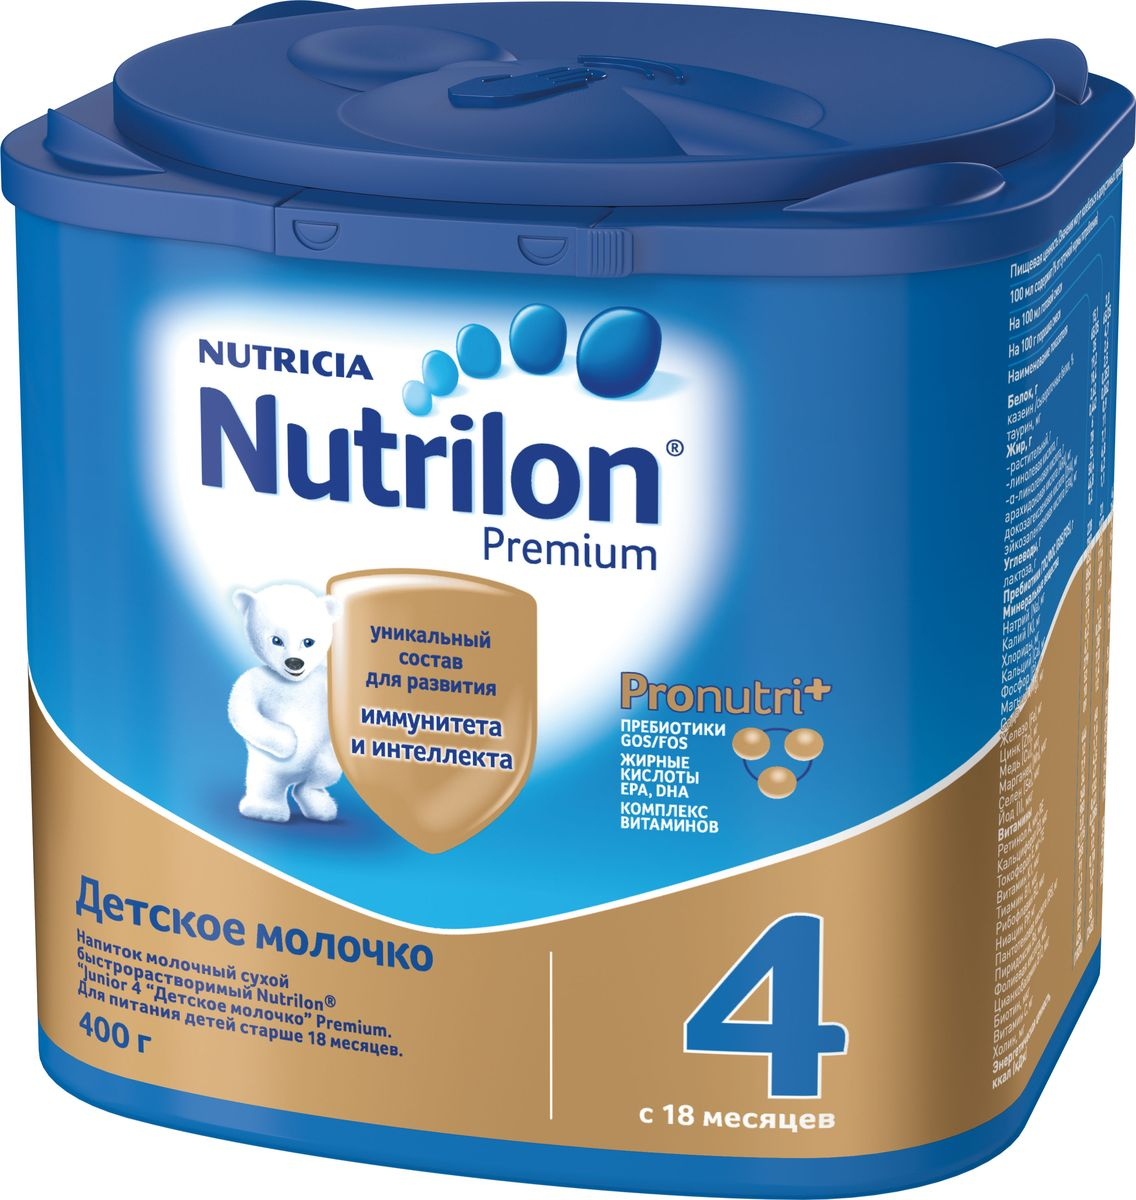 Nutrilon Джуниор Премиум 4 детское молочко PronutriPlus, с 18 месяцев, 400 г8718117600151Молочко Nutrilon 4 - полноценная сухая молочная детская смесь для здоровых детей в возрасте от 1,5 лет. Благодаря уникальному комплексу ProNutra+ детское молочко способствует развитию иммунитета и интеллекта, снижает риск возникновения аллергии и инфекций. Молочко легко усваивается, обеспечивая ребенка необходимым количеством питательных веществ, которые так нужны для успешного и полноценного развития в соответствии с его возрастными потребностями.